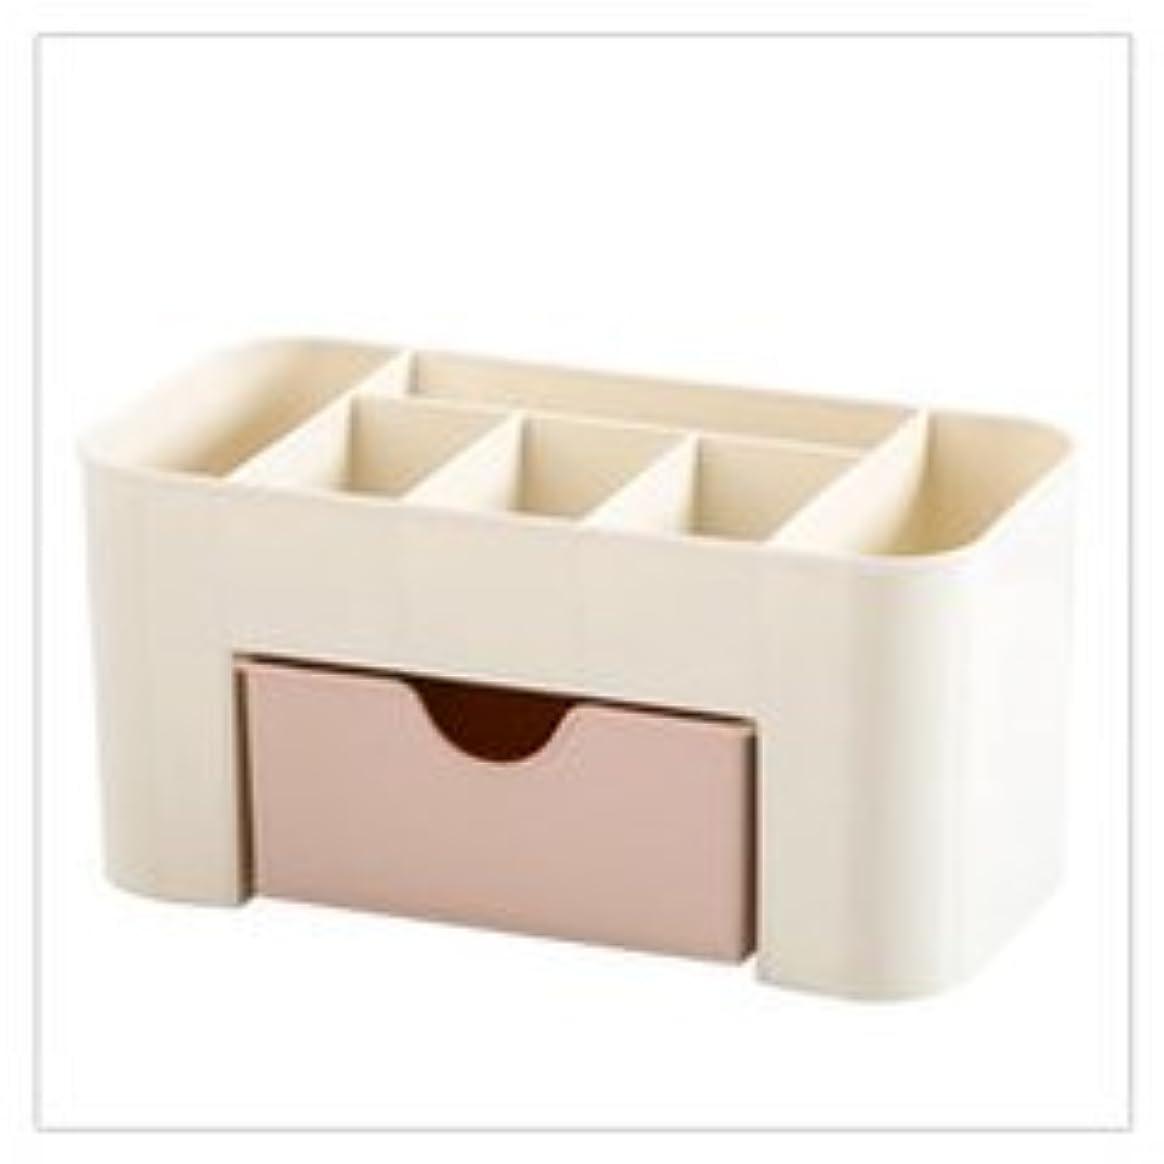 マスク体知らせる化粧品収納ボックス化粧品引き出し仕上げボックスデスクトップジュエリースキンケアパックフレームドレッサー (Color : ピンク)